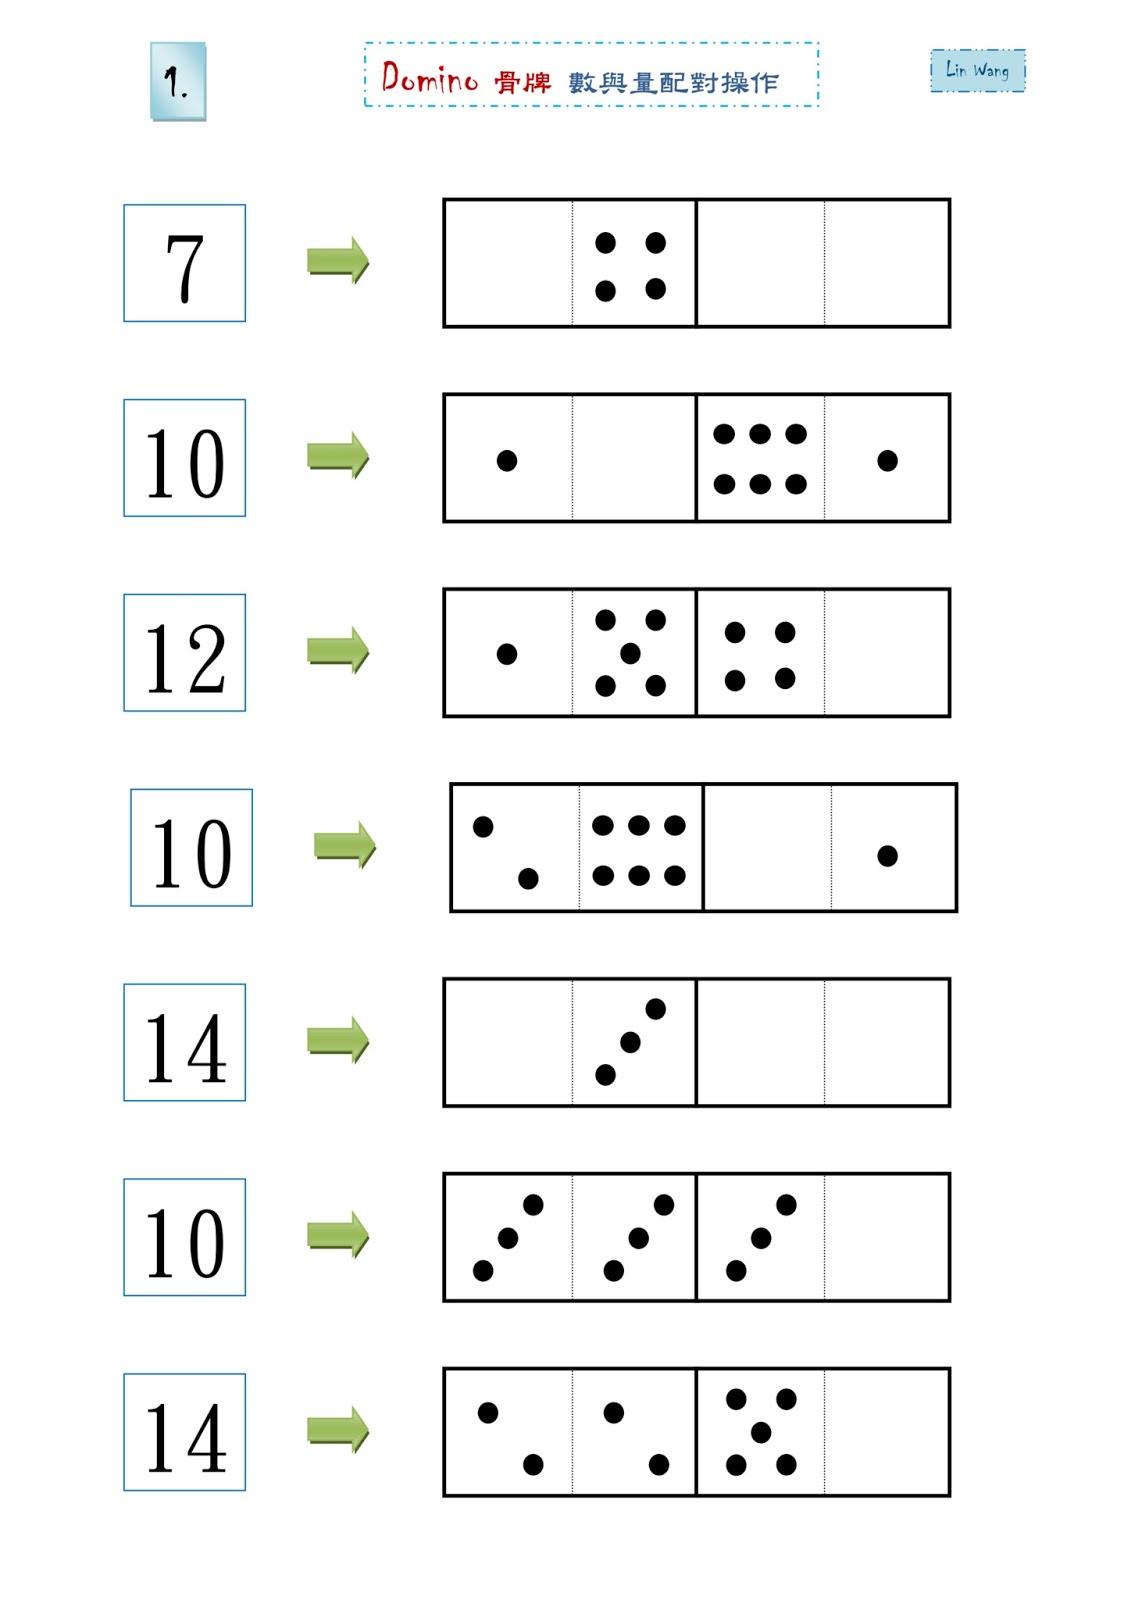 Domine 數與量的配對操作題1.1 ~ 就醬玩魔數